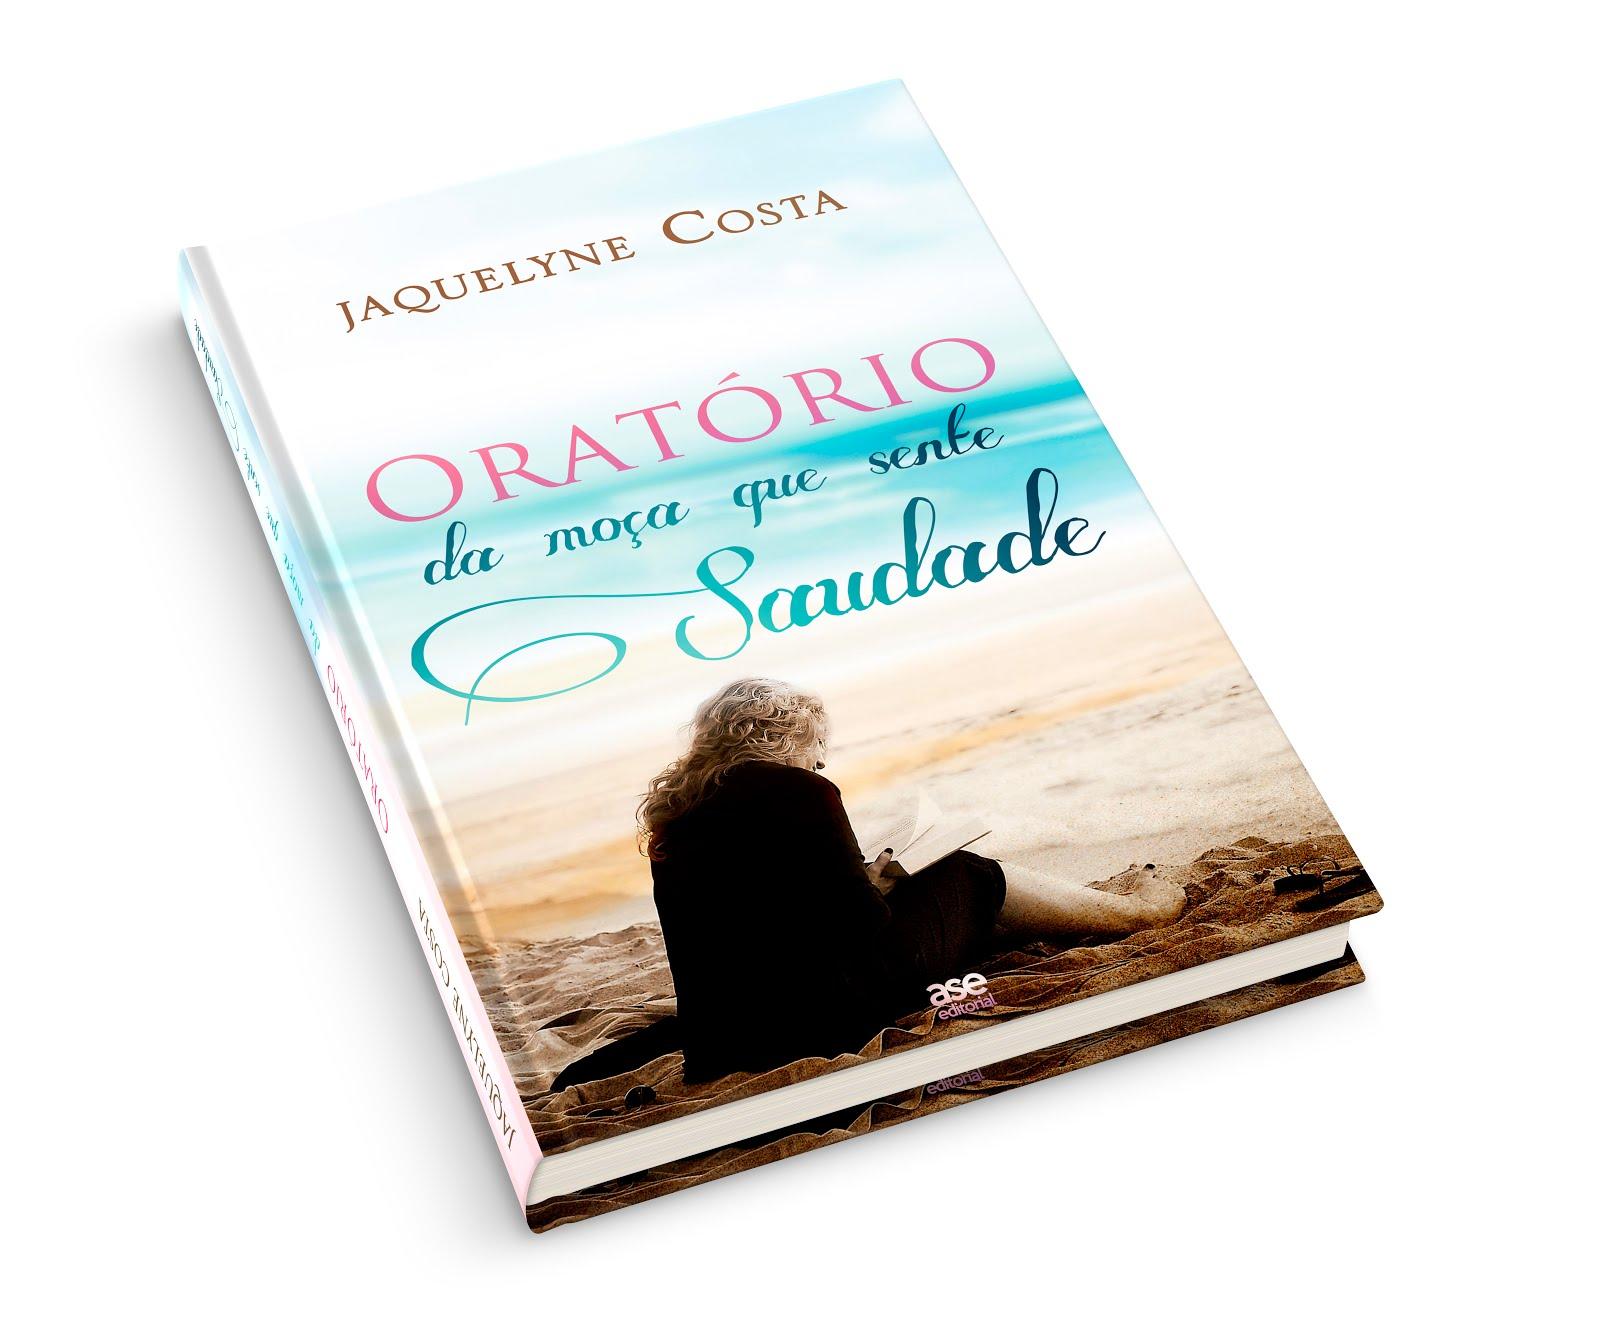 """Versão impressa esgotada! - """"Oratório da moça que sente saudade"""" por Jaquelyne Costa"""